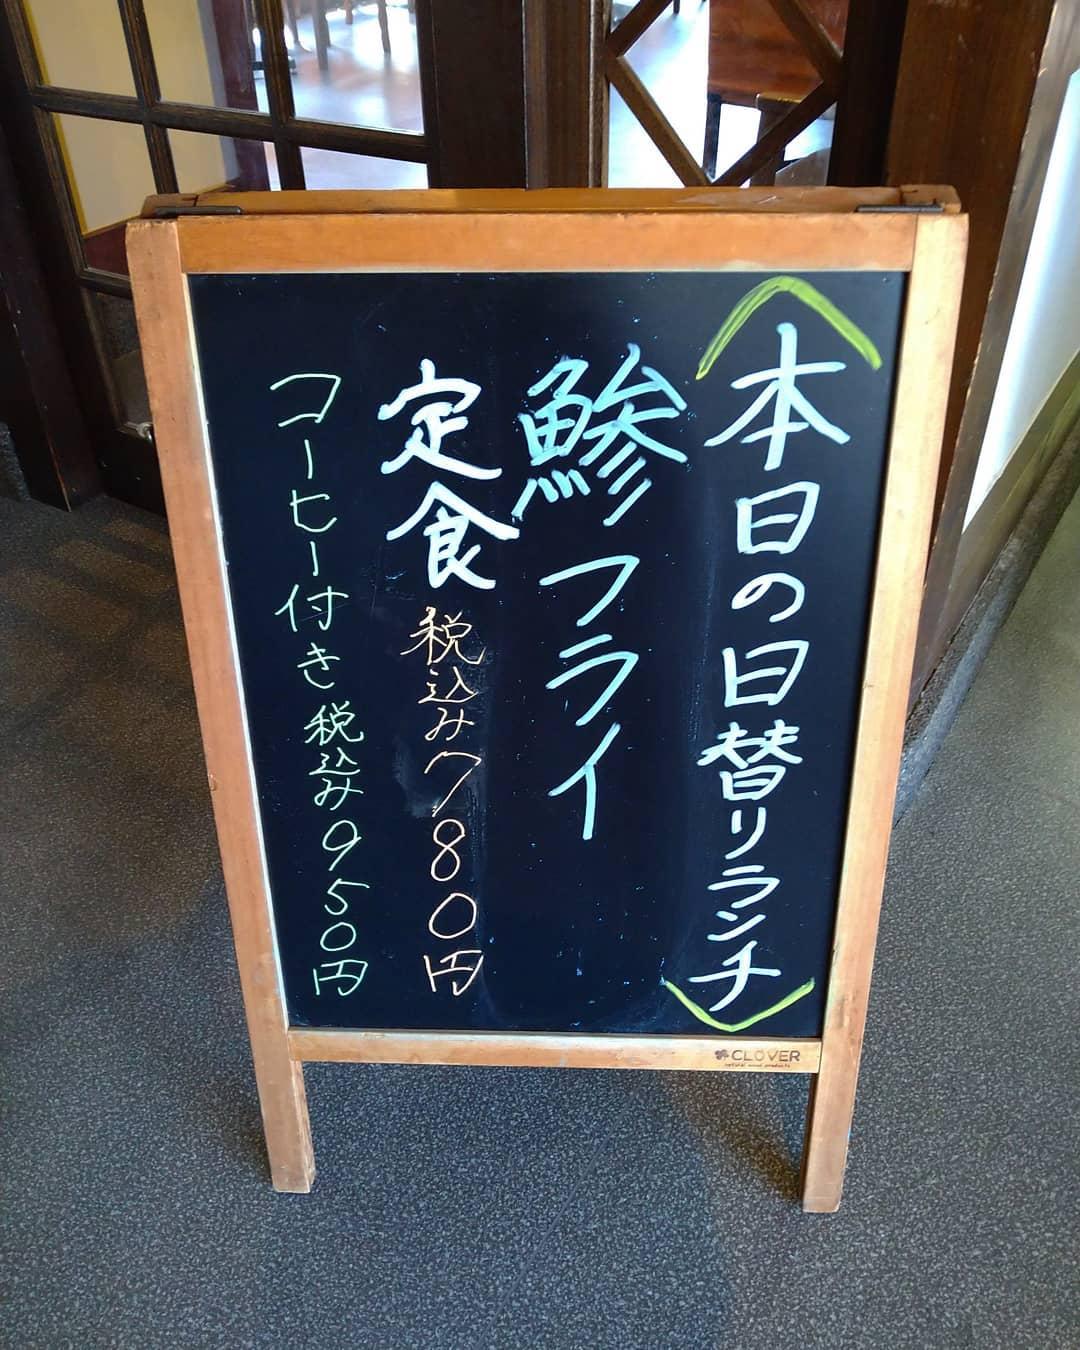 本日の日替わりランチ、鯵フライ定食です  ご来店お待ちしております!!